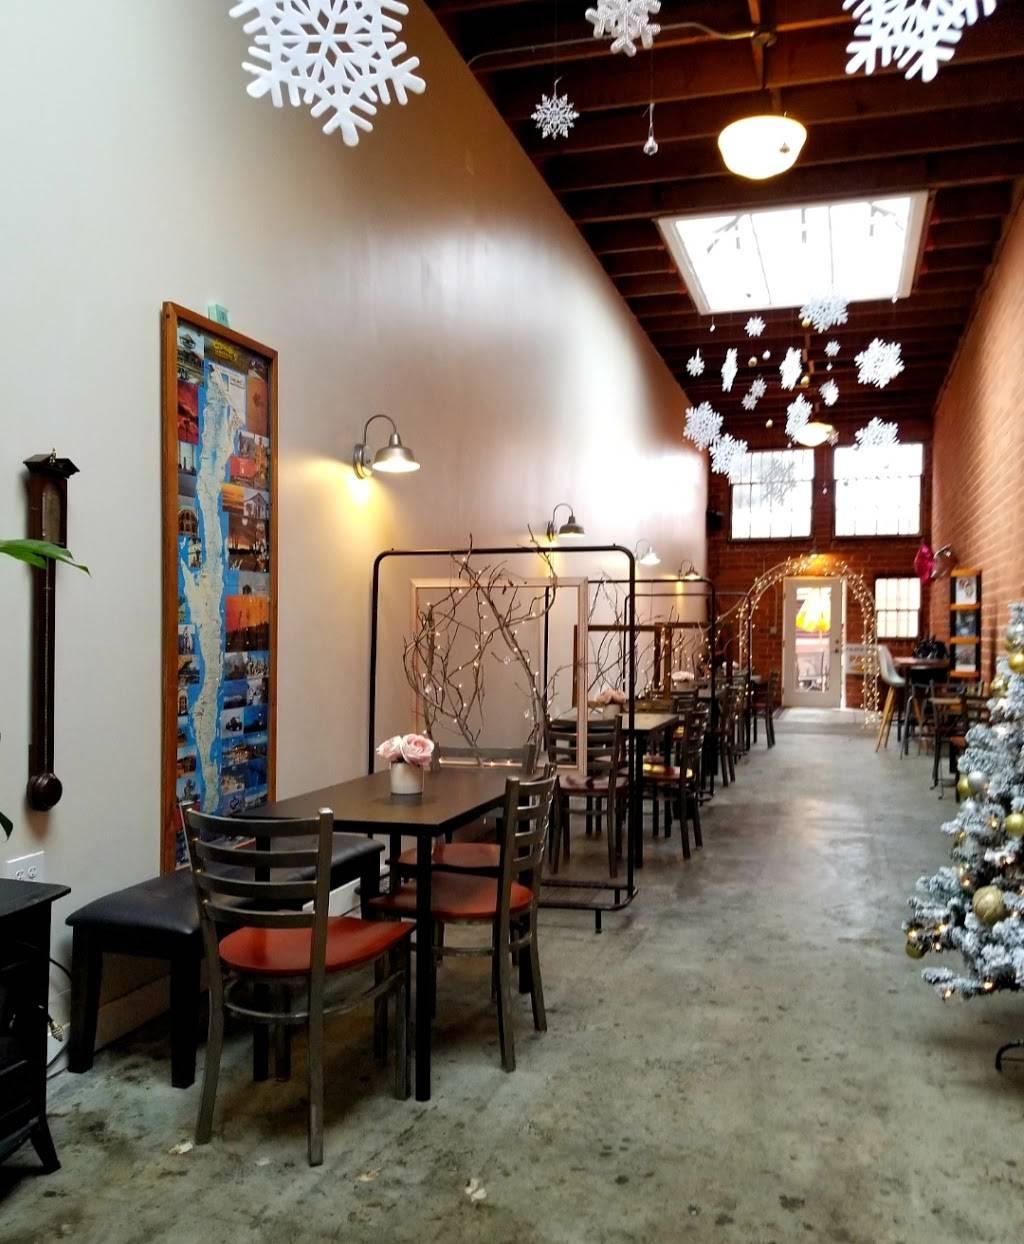 Superhero Desserts | restaurant | 1449 Webster St, Alameda, CA 94501, USA | 5102393022 OR +1 510-239-3022